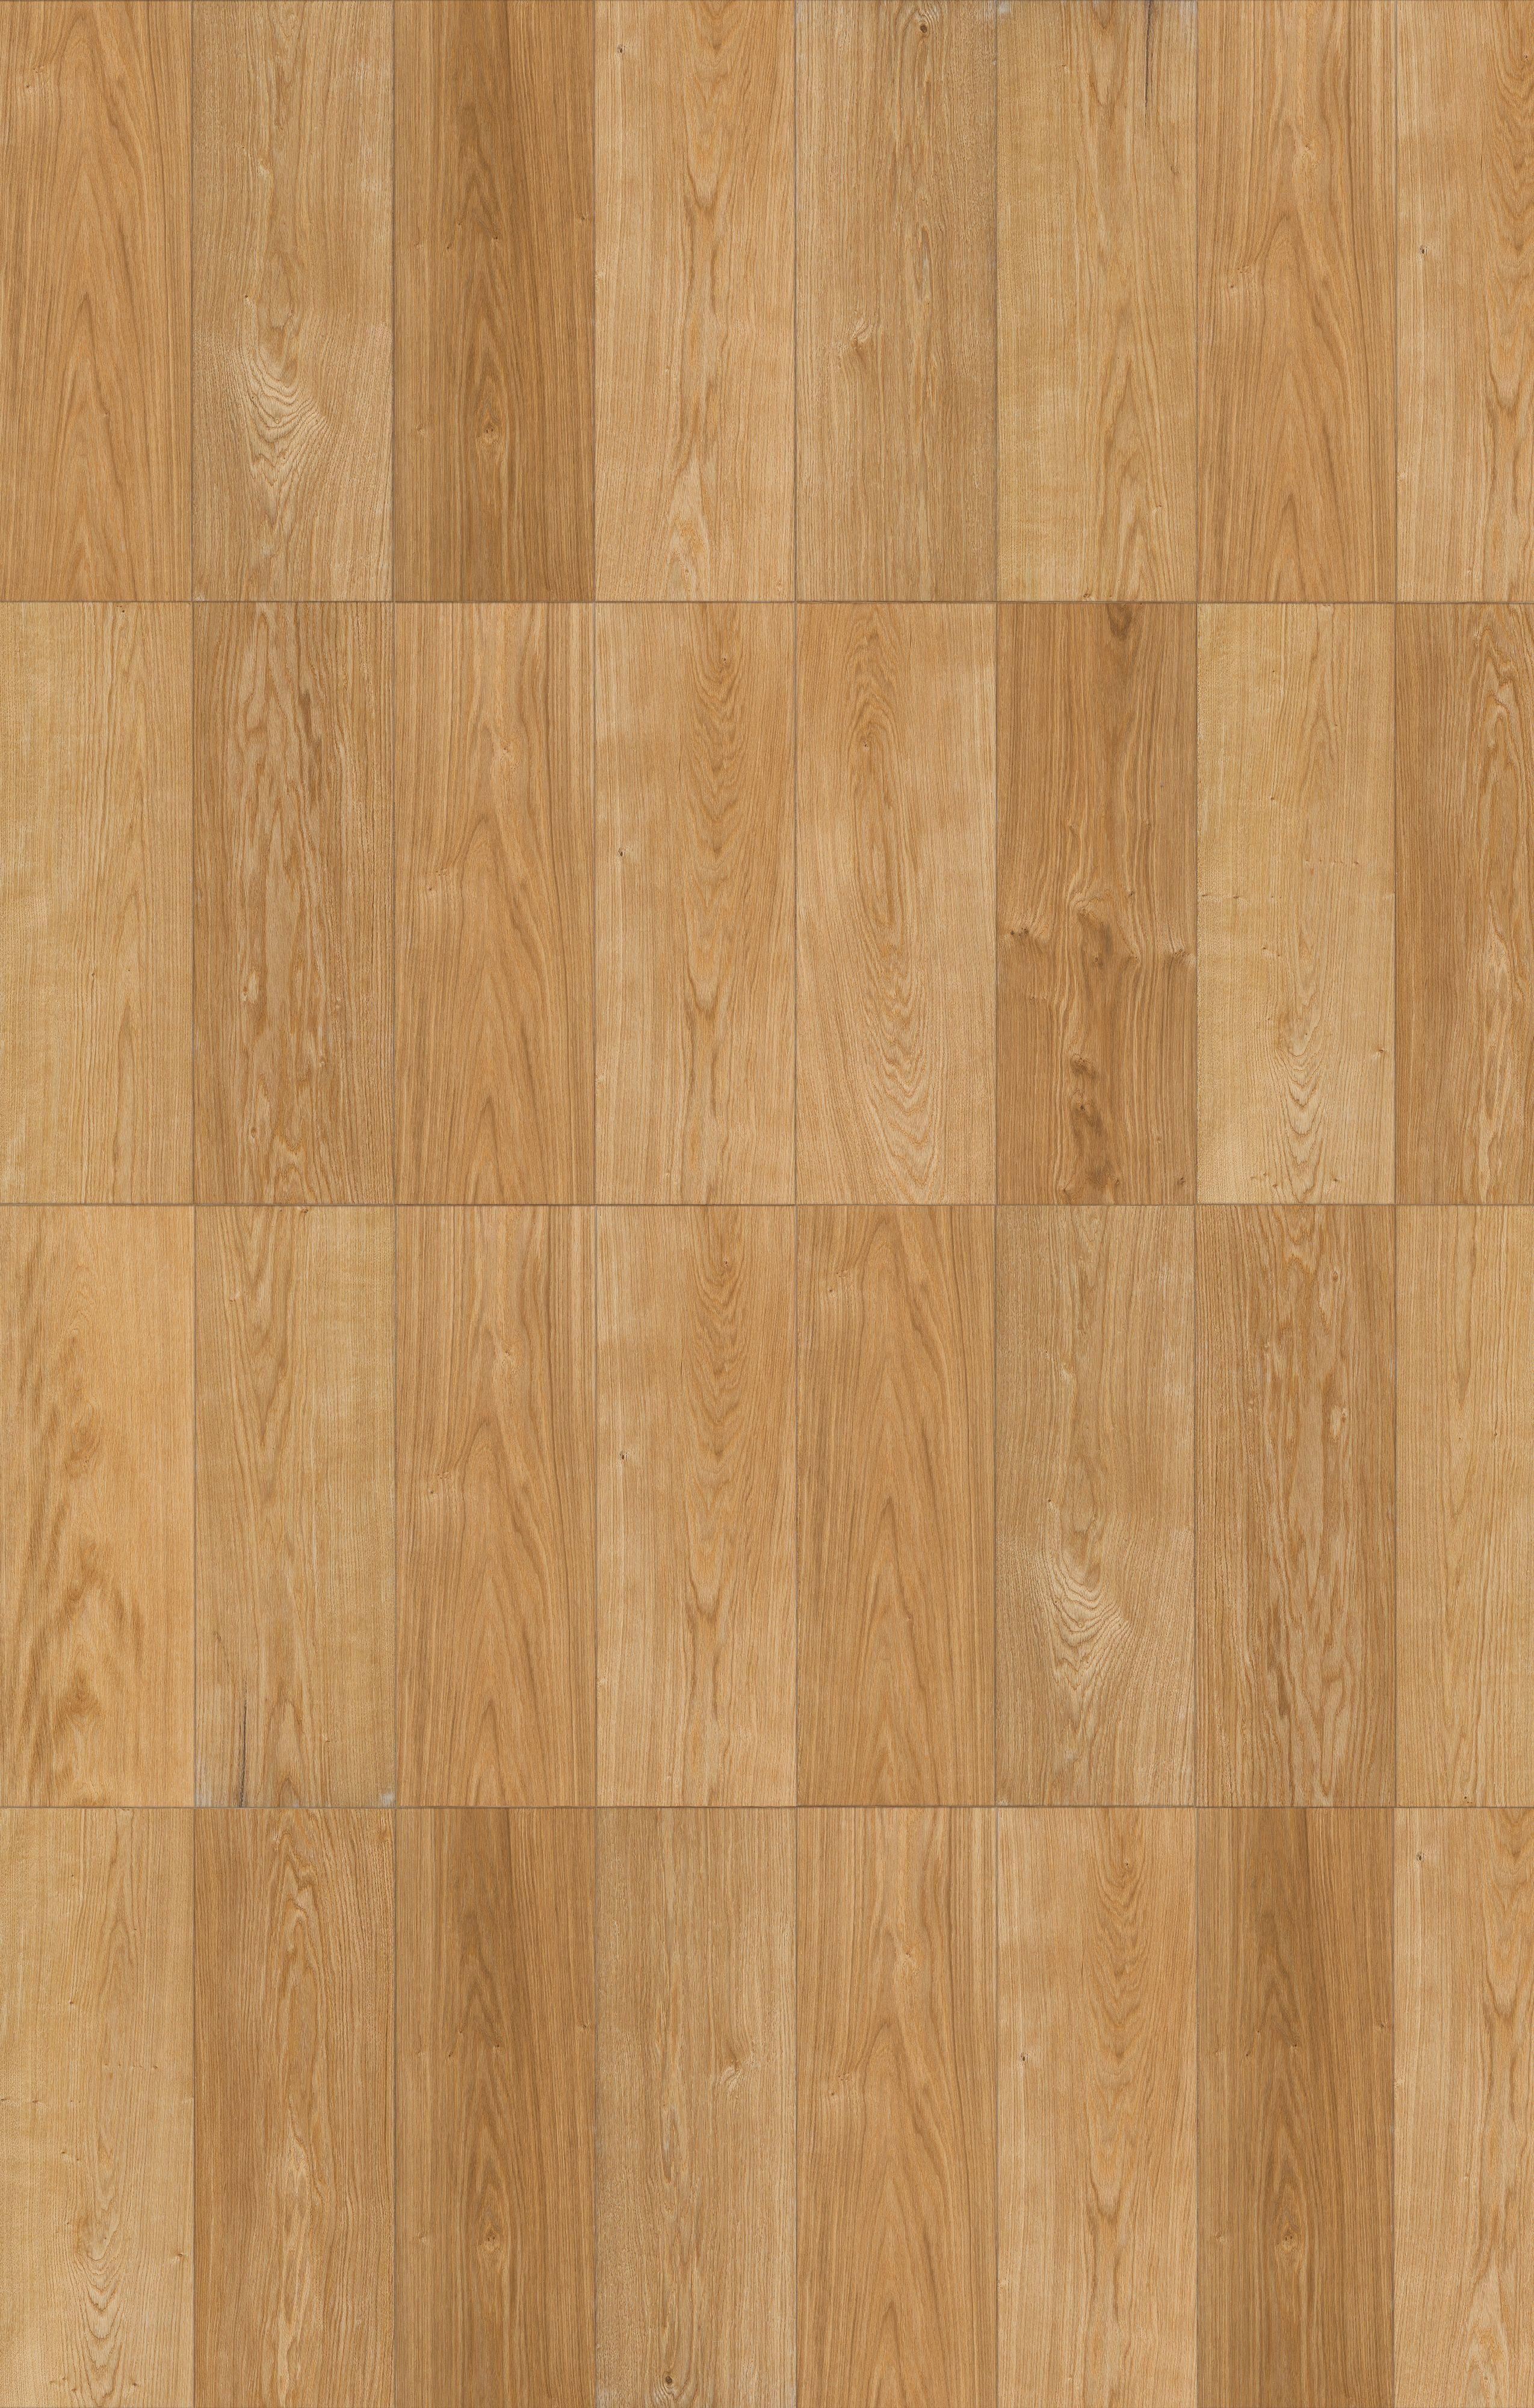 Parkett eiche natur textur  Parkett von Kährs | Modulare 2-Schicht Elemente | Bloc Collection ...